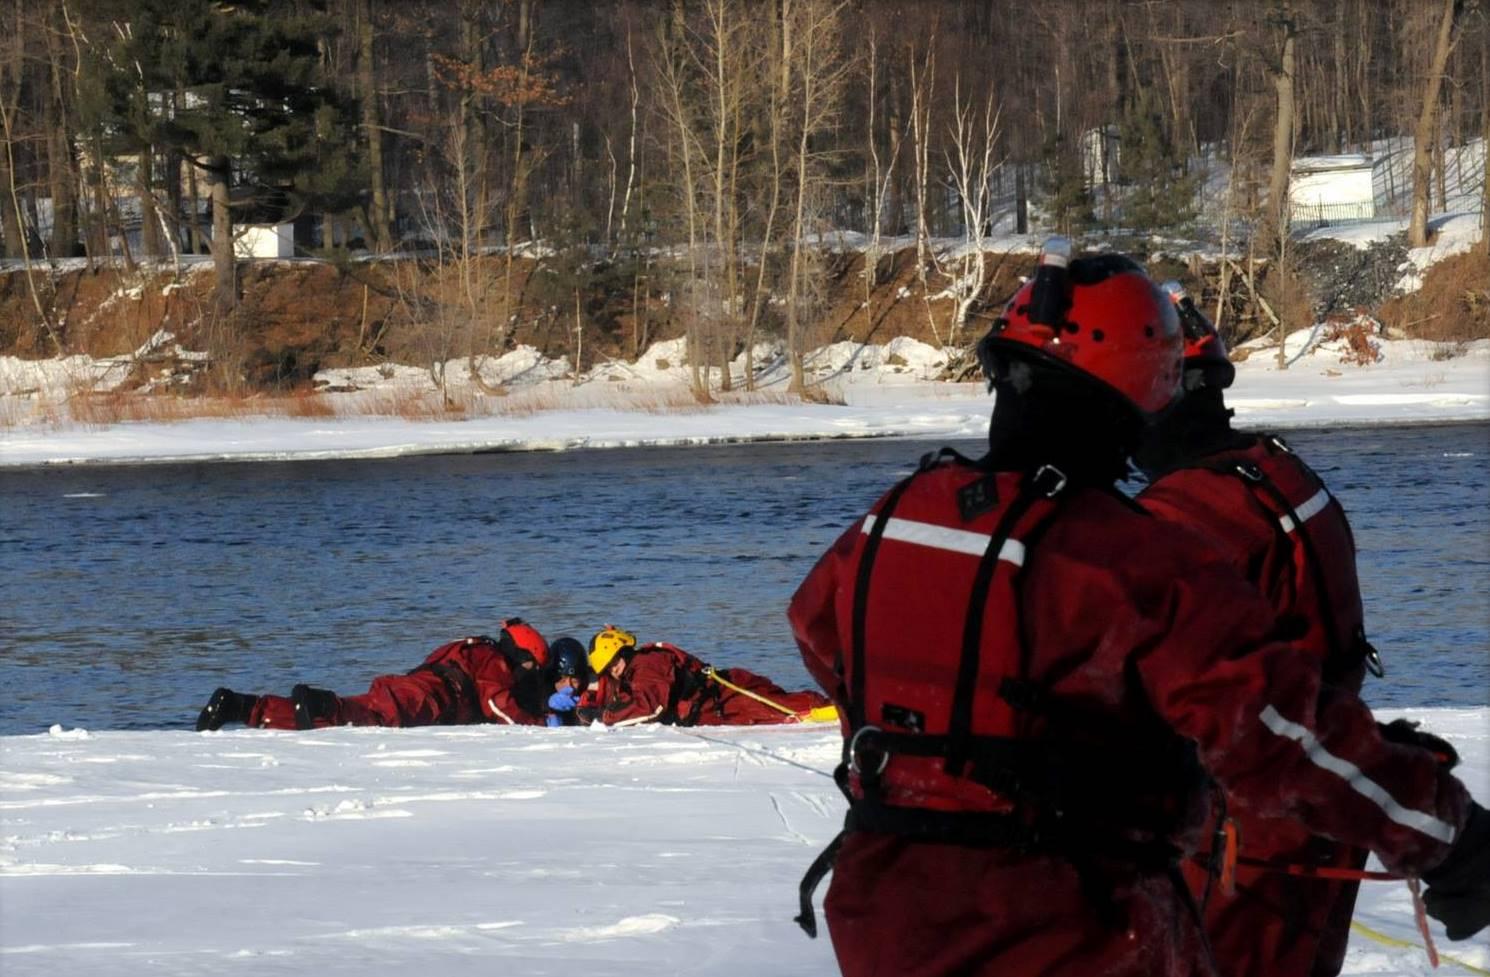 Les pompiers feront des exercices de sauvetage sur la rivière